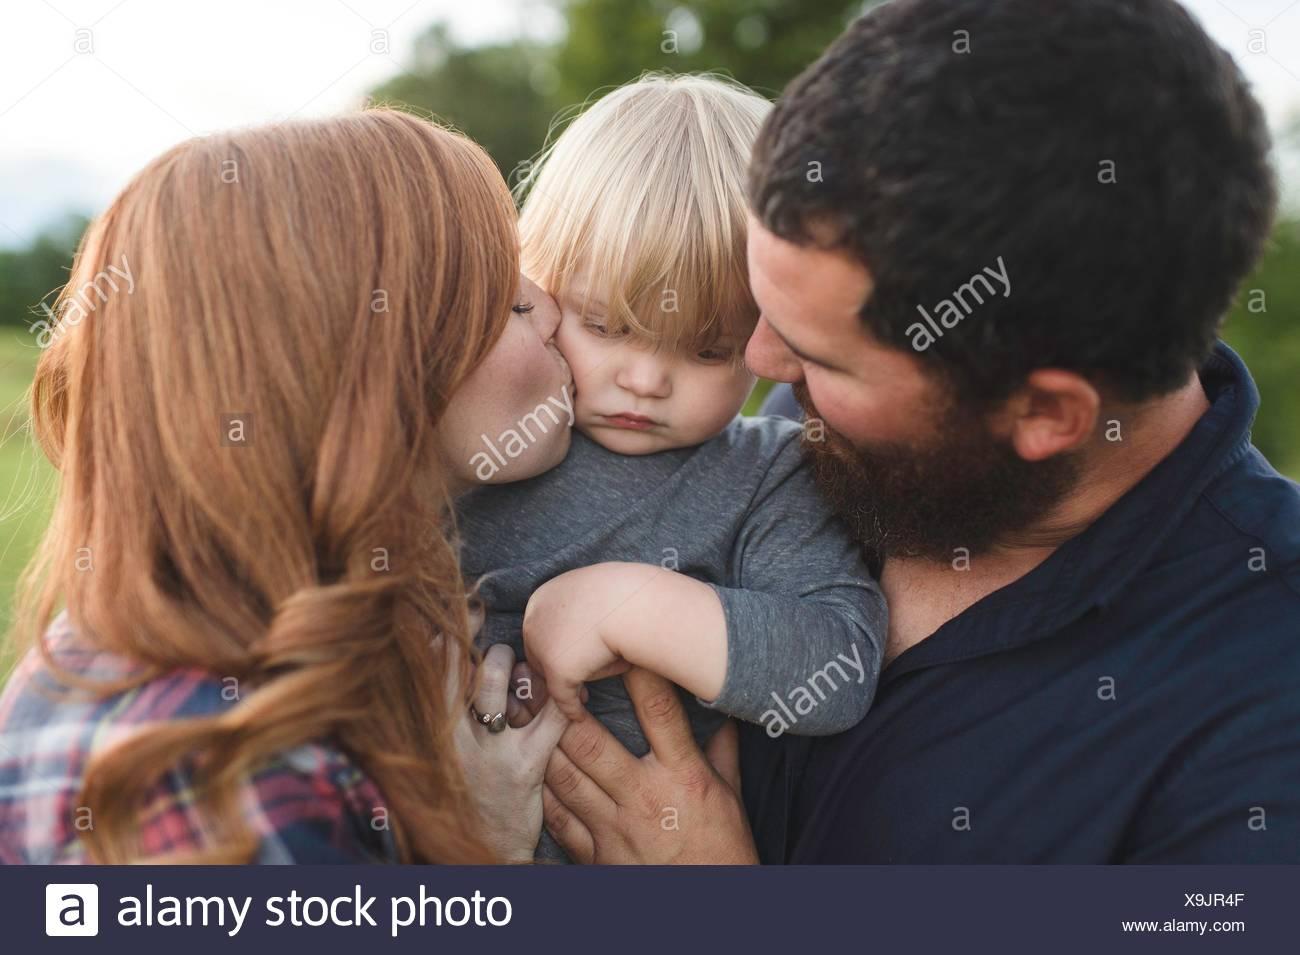 La madre y el padre mantiene joven hijo, exteriores Imagen De Stock